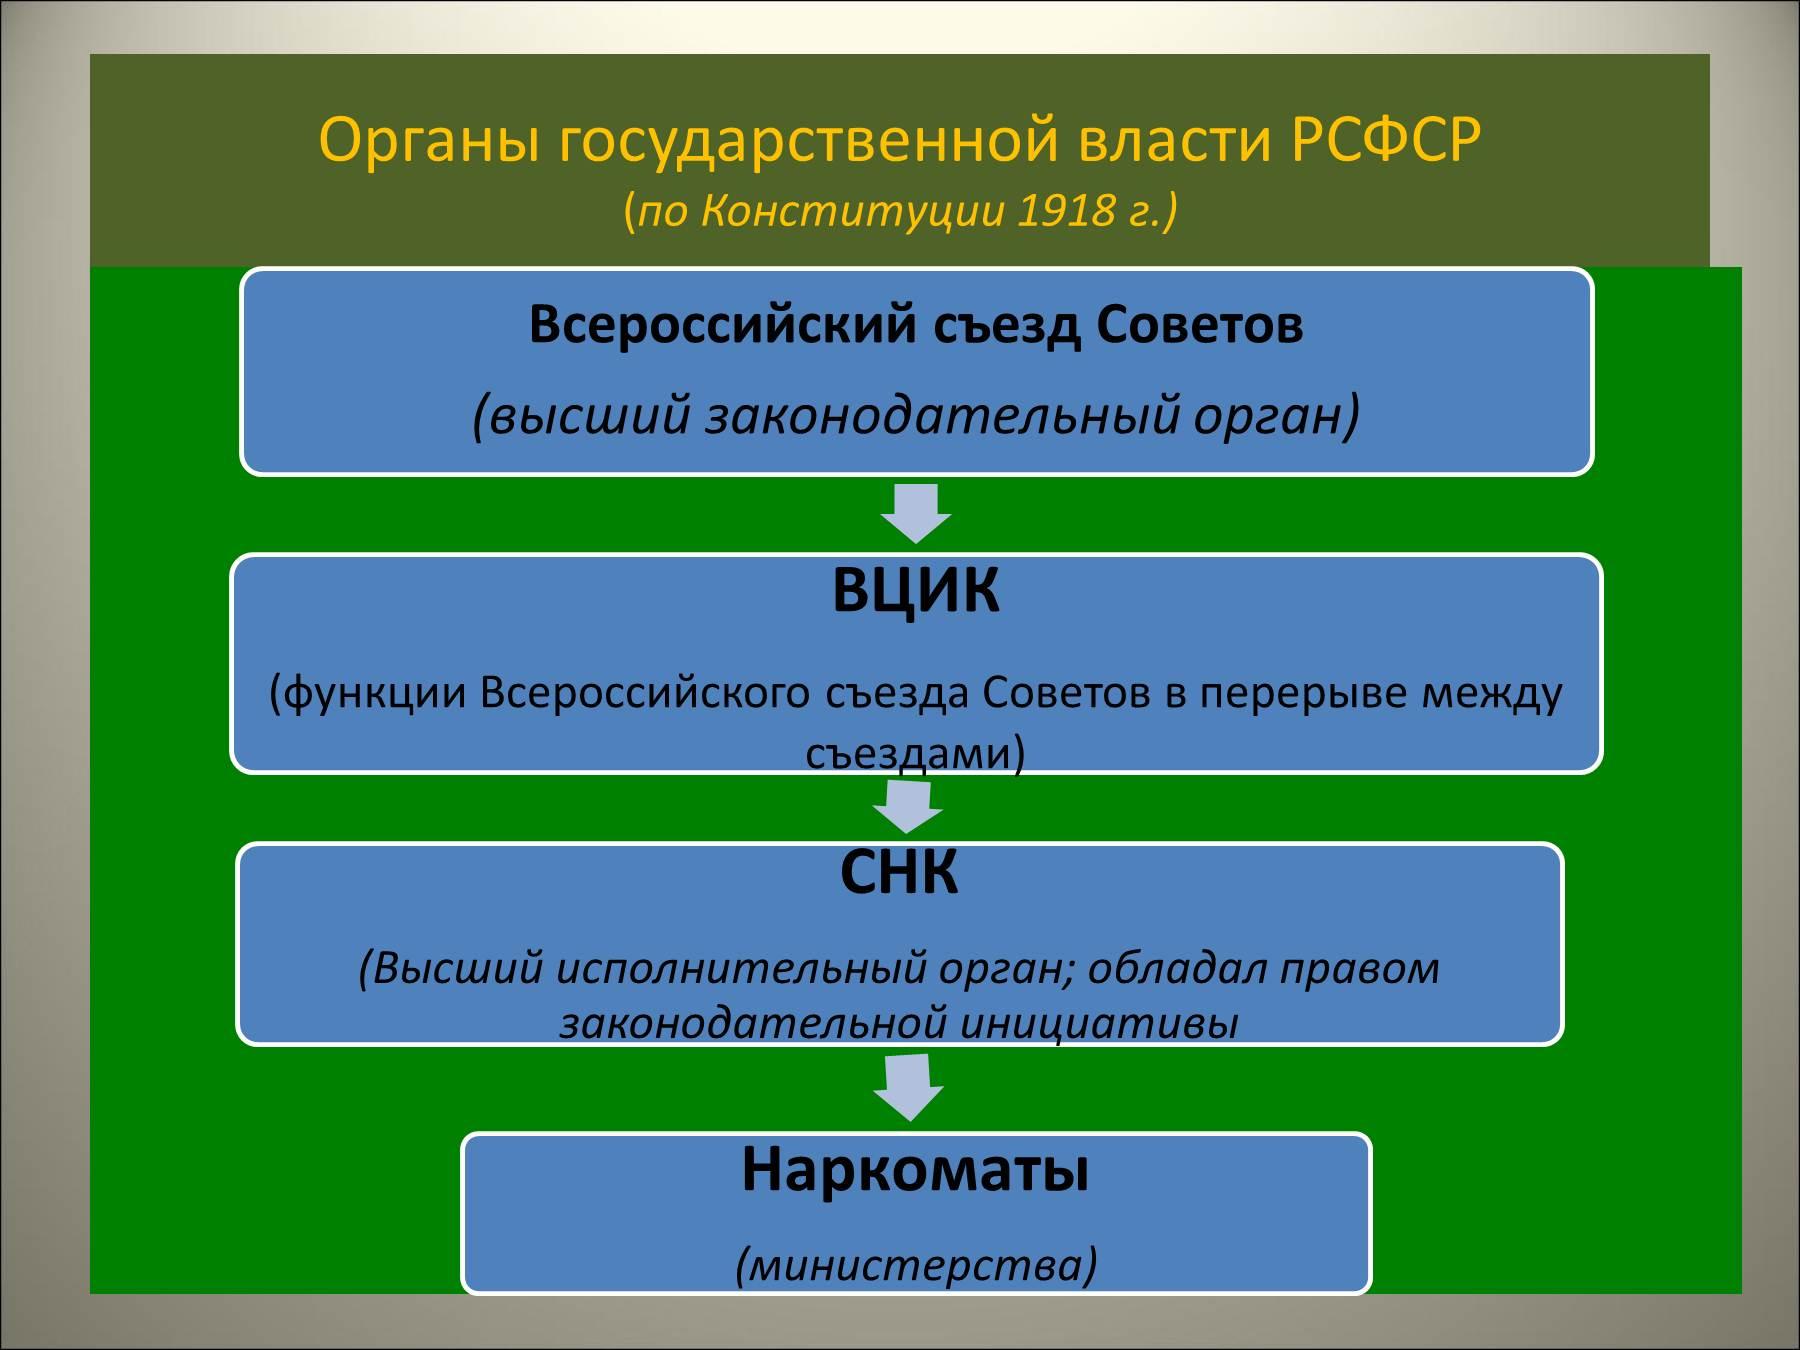 Органы государственной власти рсфср по конституции 1918 г схема